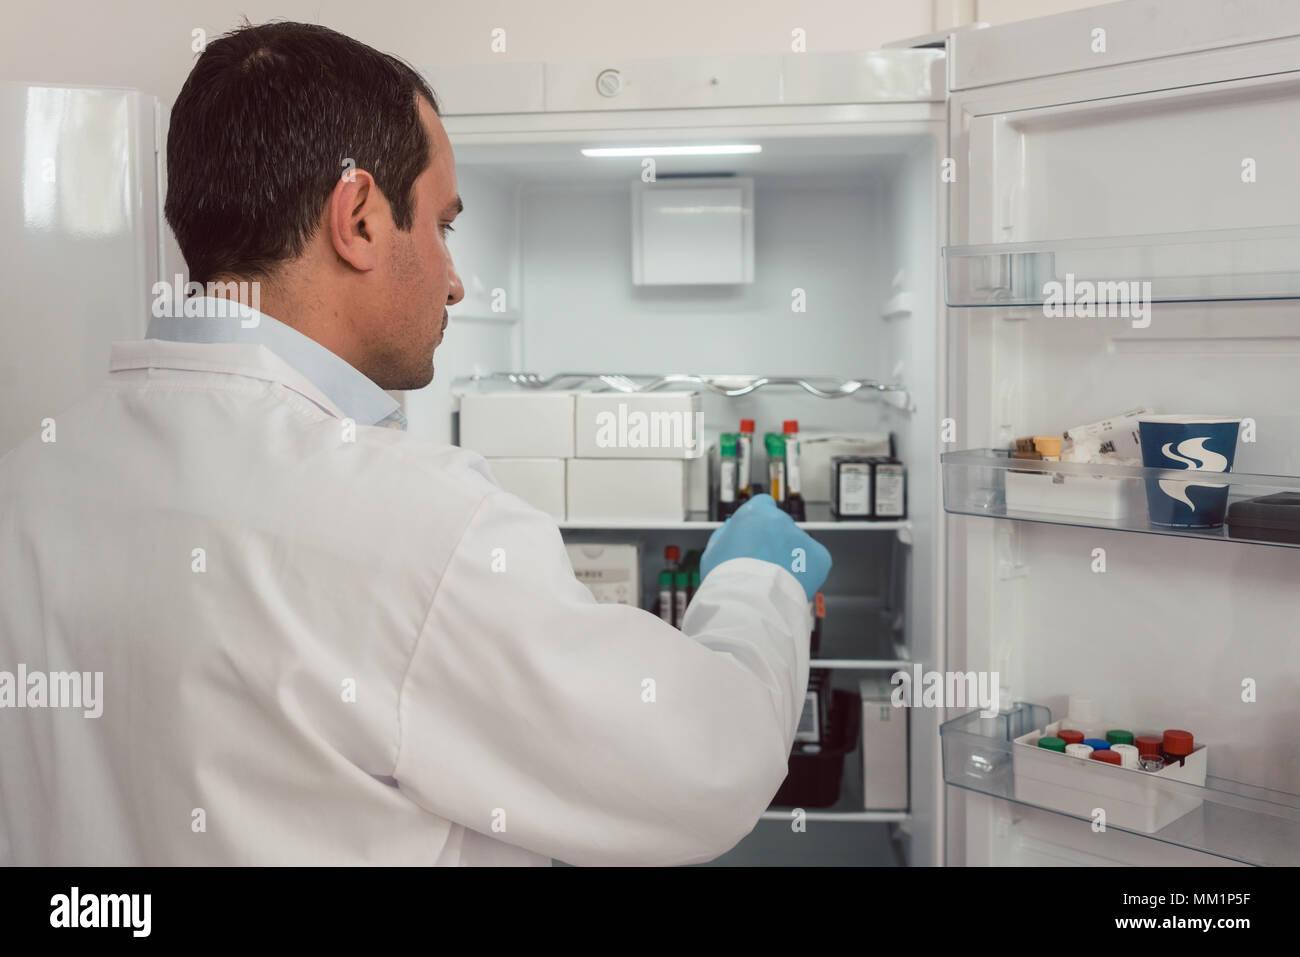 Kühlschrank Aufbewahrung : Labortechniker aufbewahrung blutproben im kühlschrank stockfoto